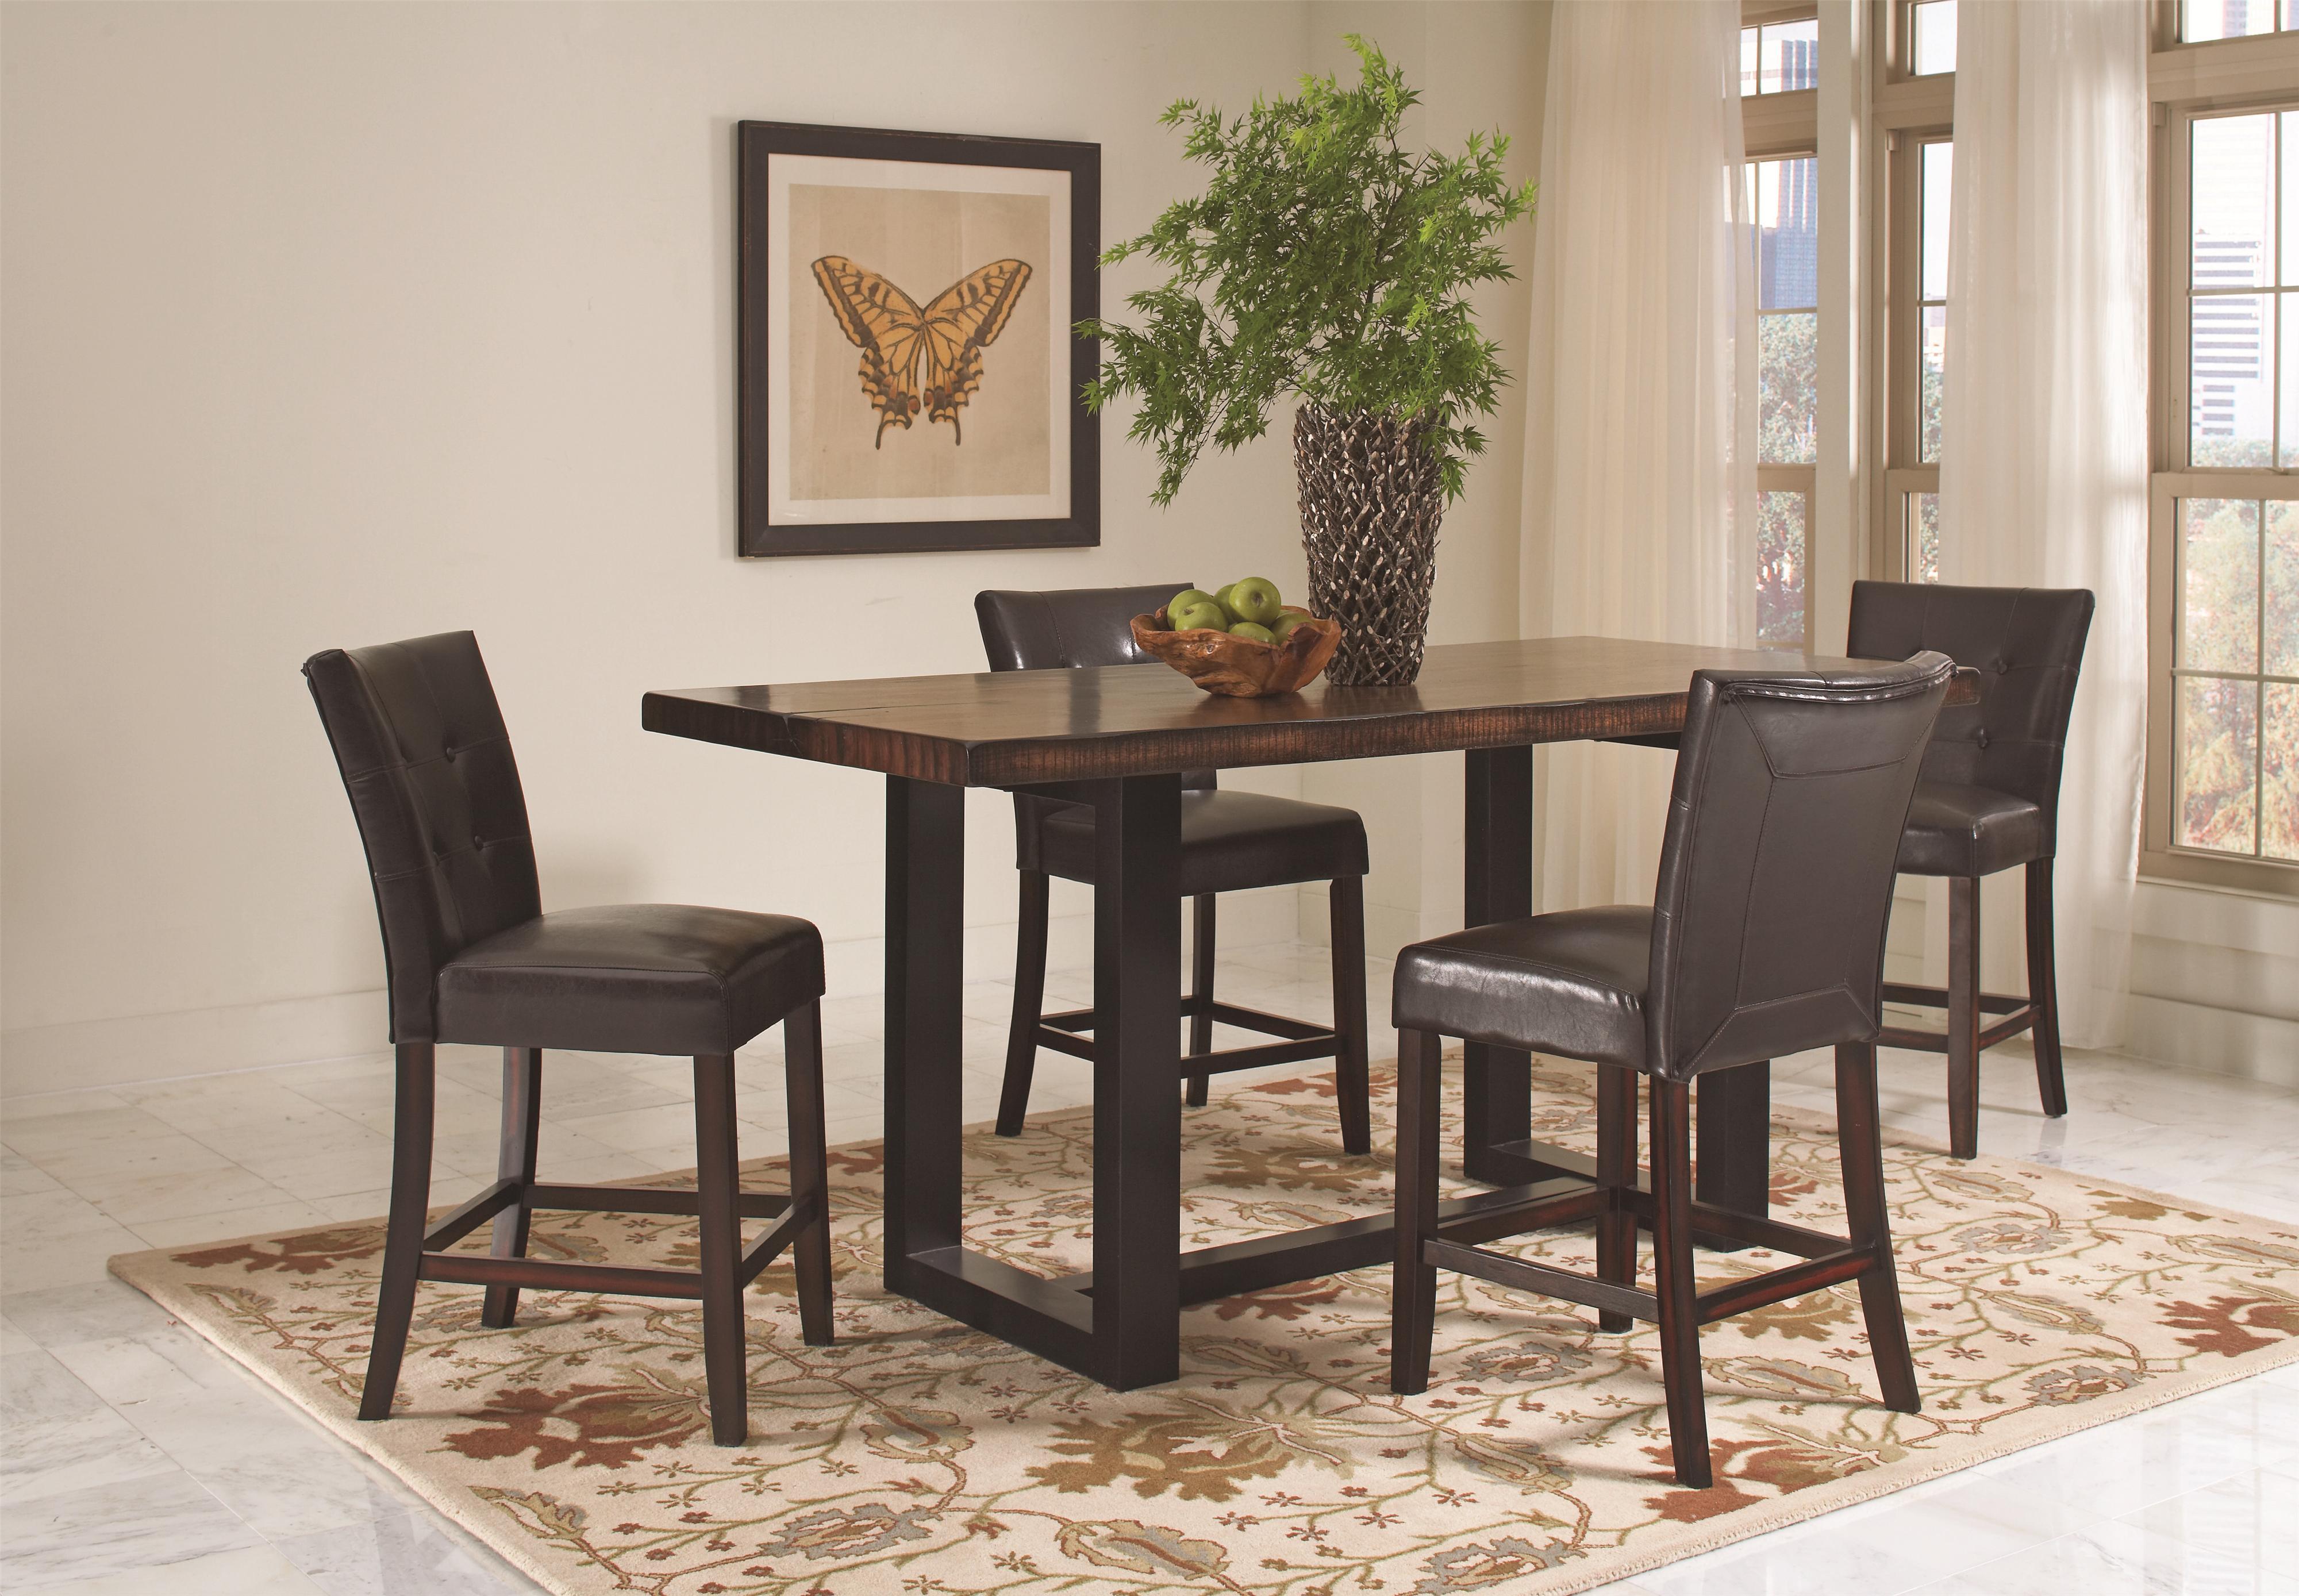 virtuemart_product_c-121648-pub-table-set